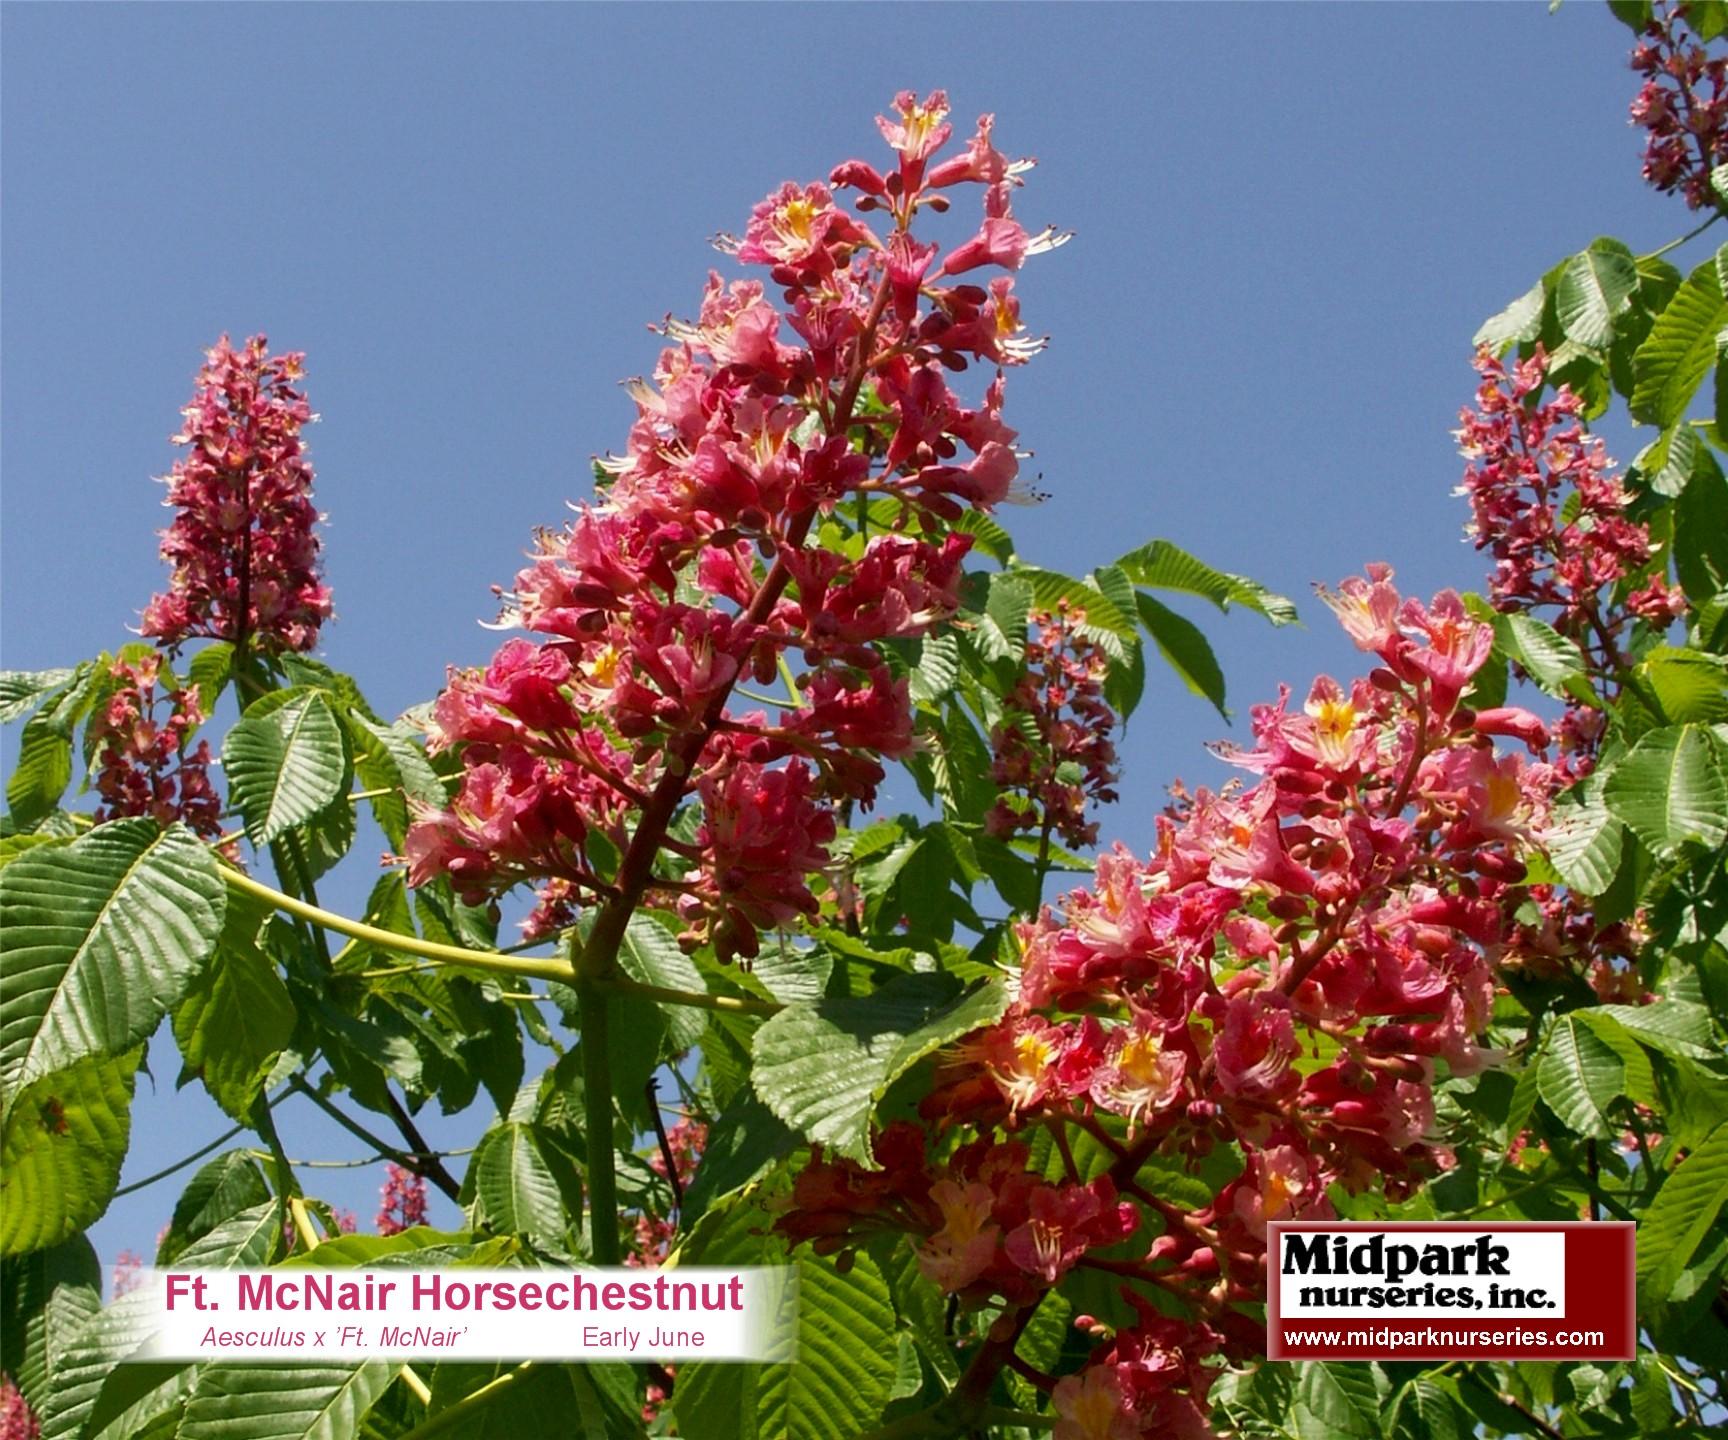 website_FtMcNairHorsechestnut_08_0601.JPG